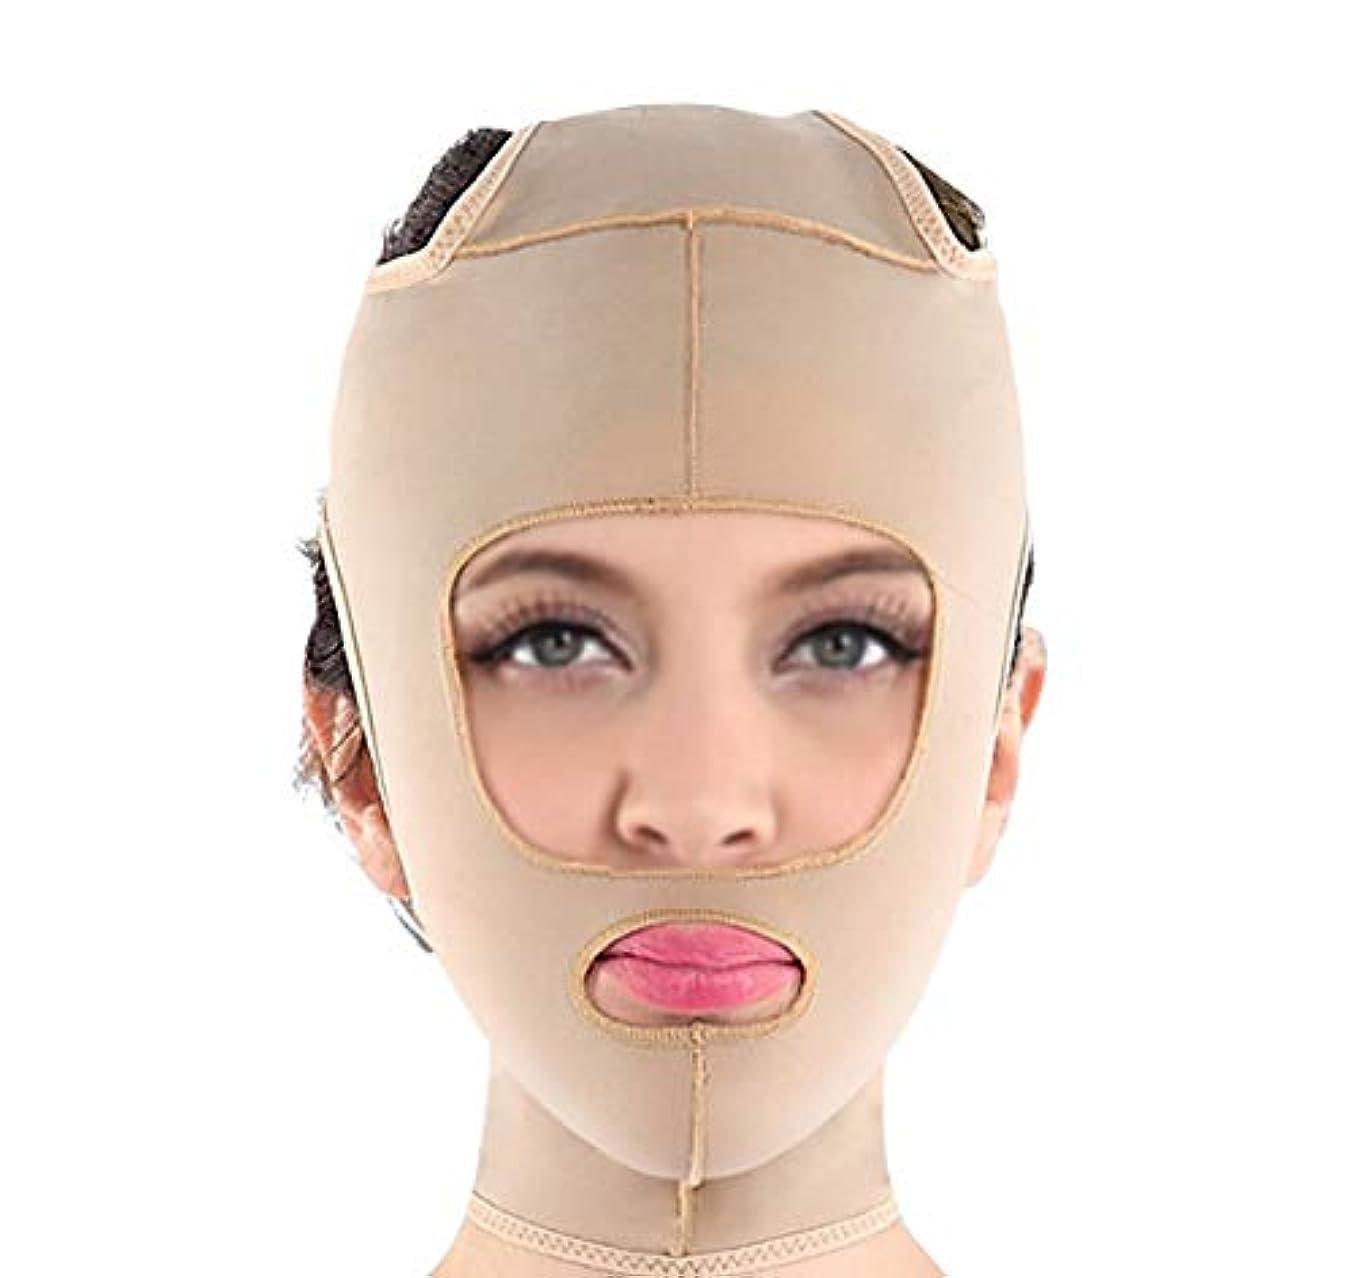 ベイビーそんなにバイオリン顔に肌をより堅く保つためのフェイスリフティングマスク、V字型の顔の形、超薄型の通気性、調節可能で快適な着用 (Size : XL)